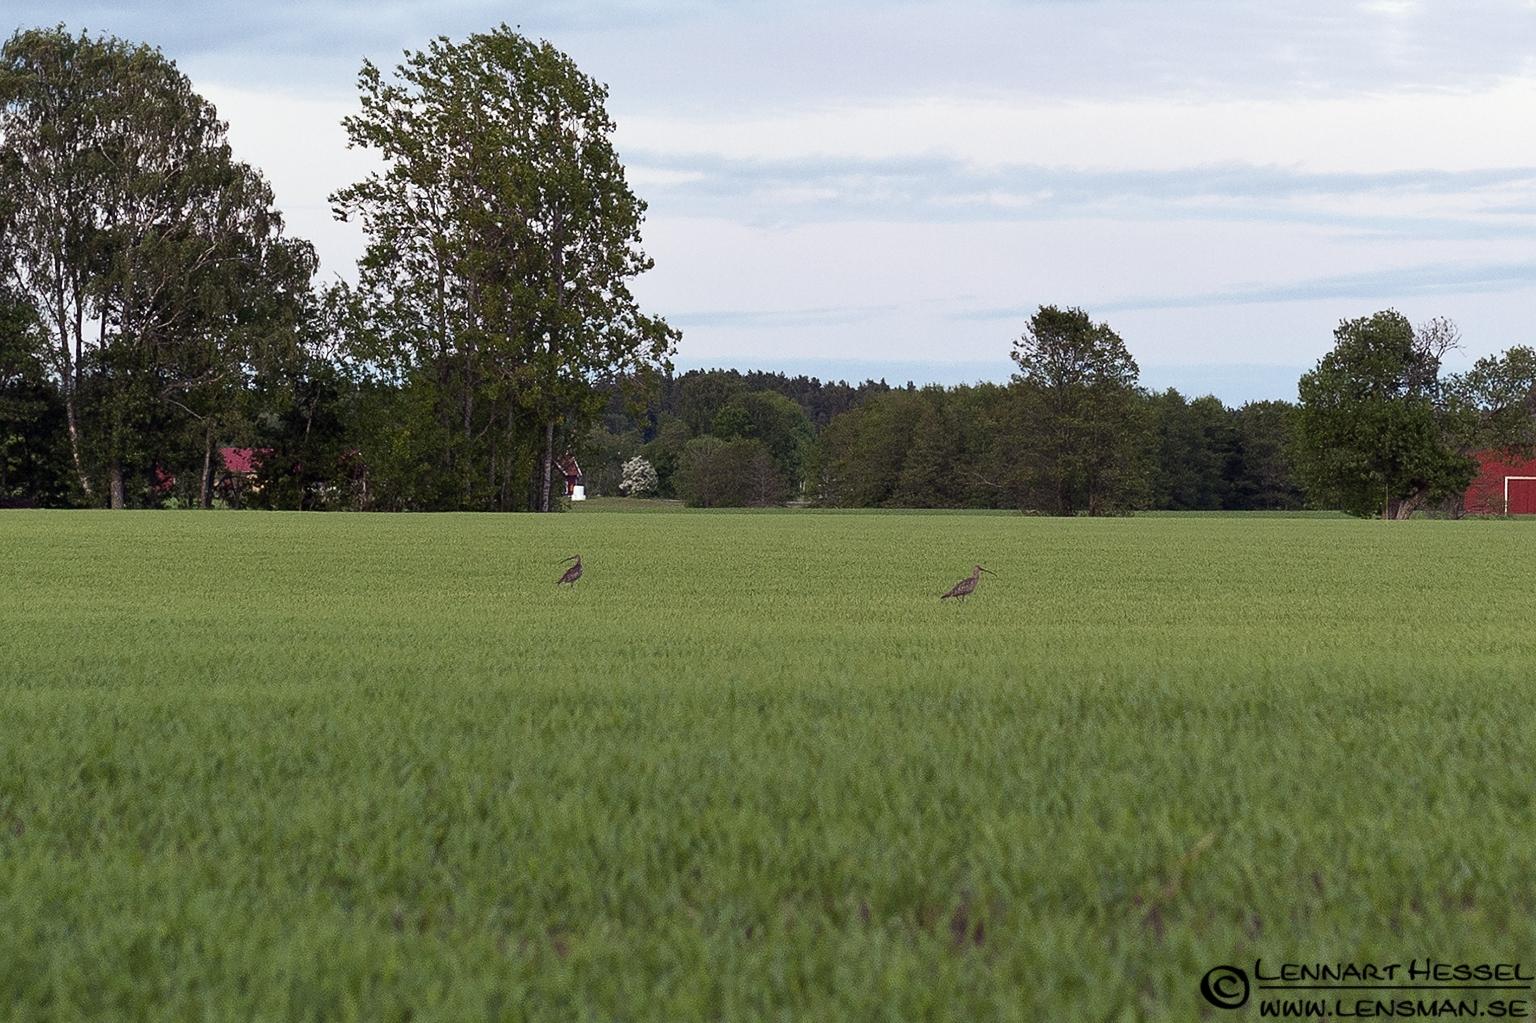 Eurasian Curlew at Nossebro